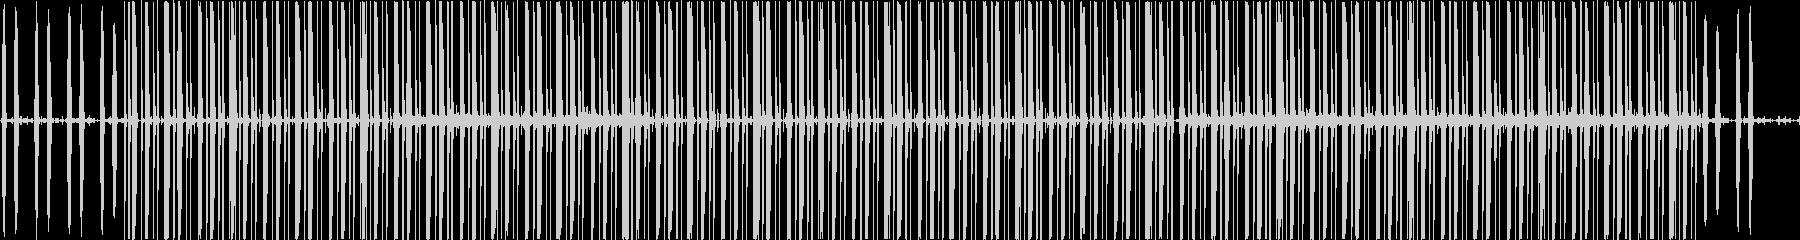 スタイリッシュ/カフェ/ヒップホップの未再生の波形